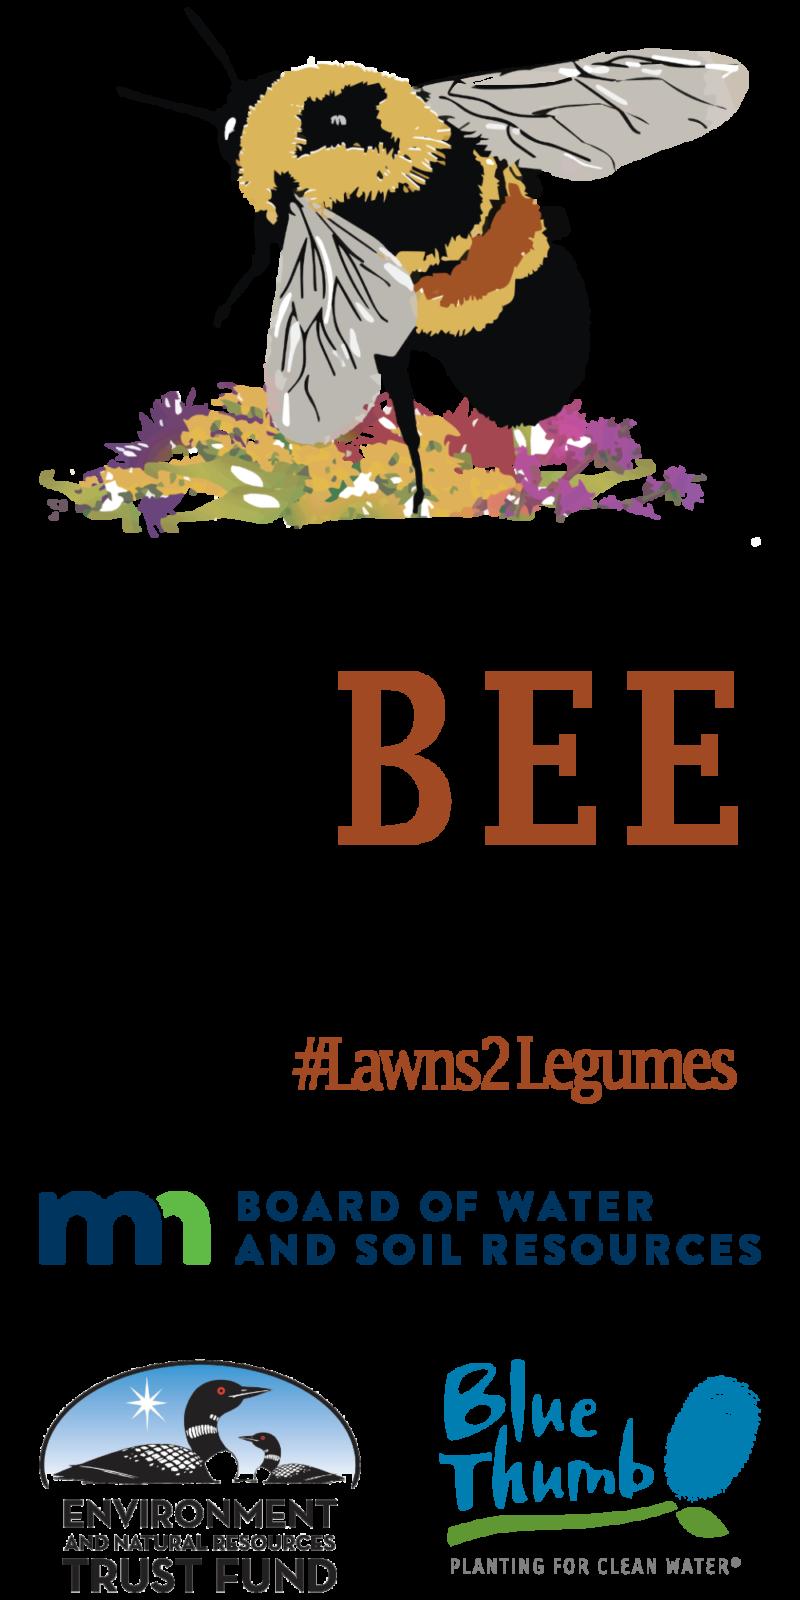 #Lawns2Legumes